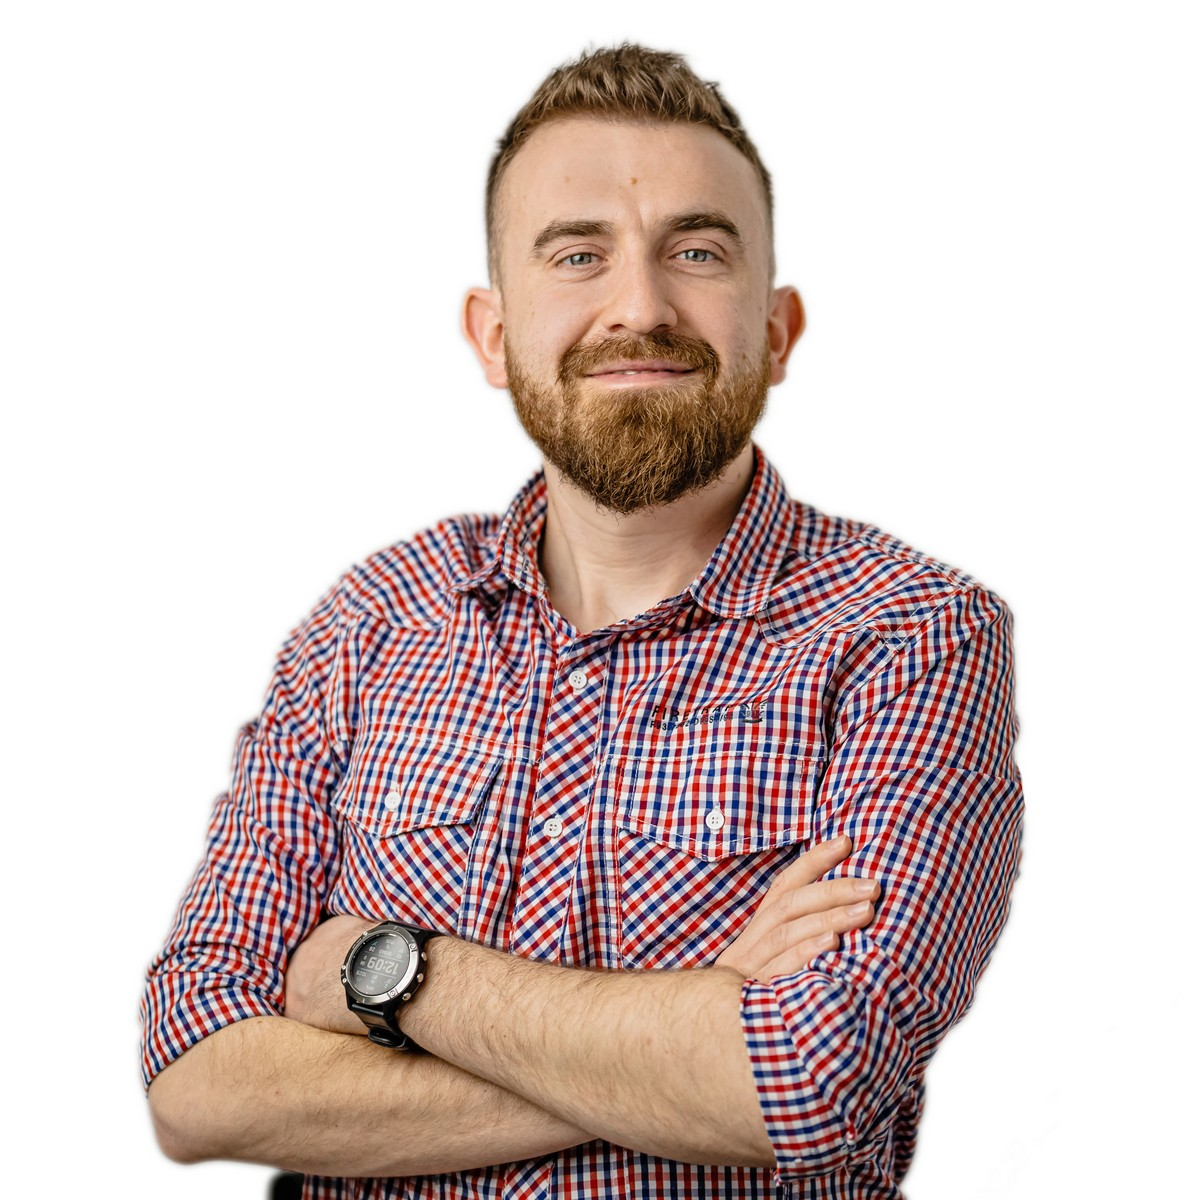 Damian Langner